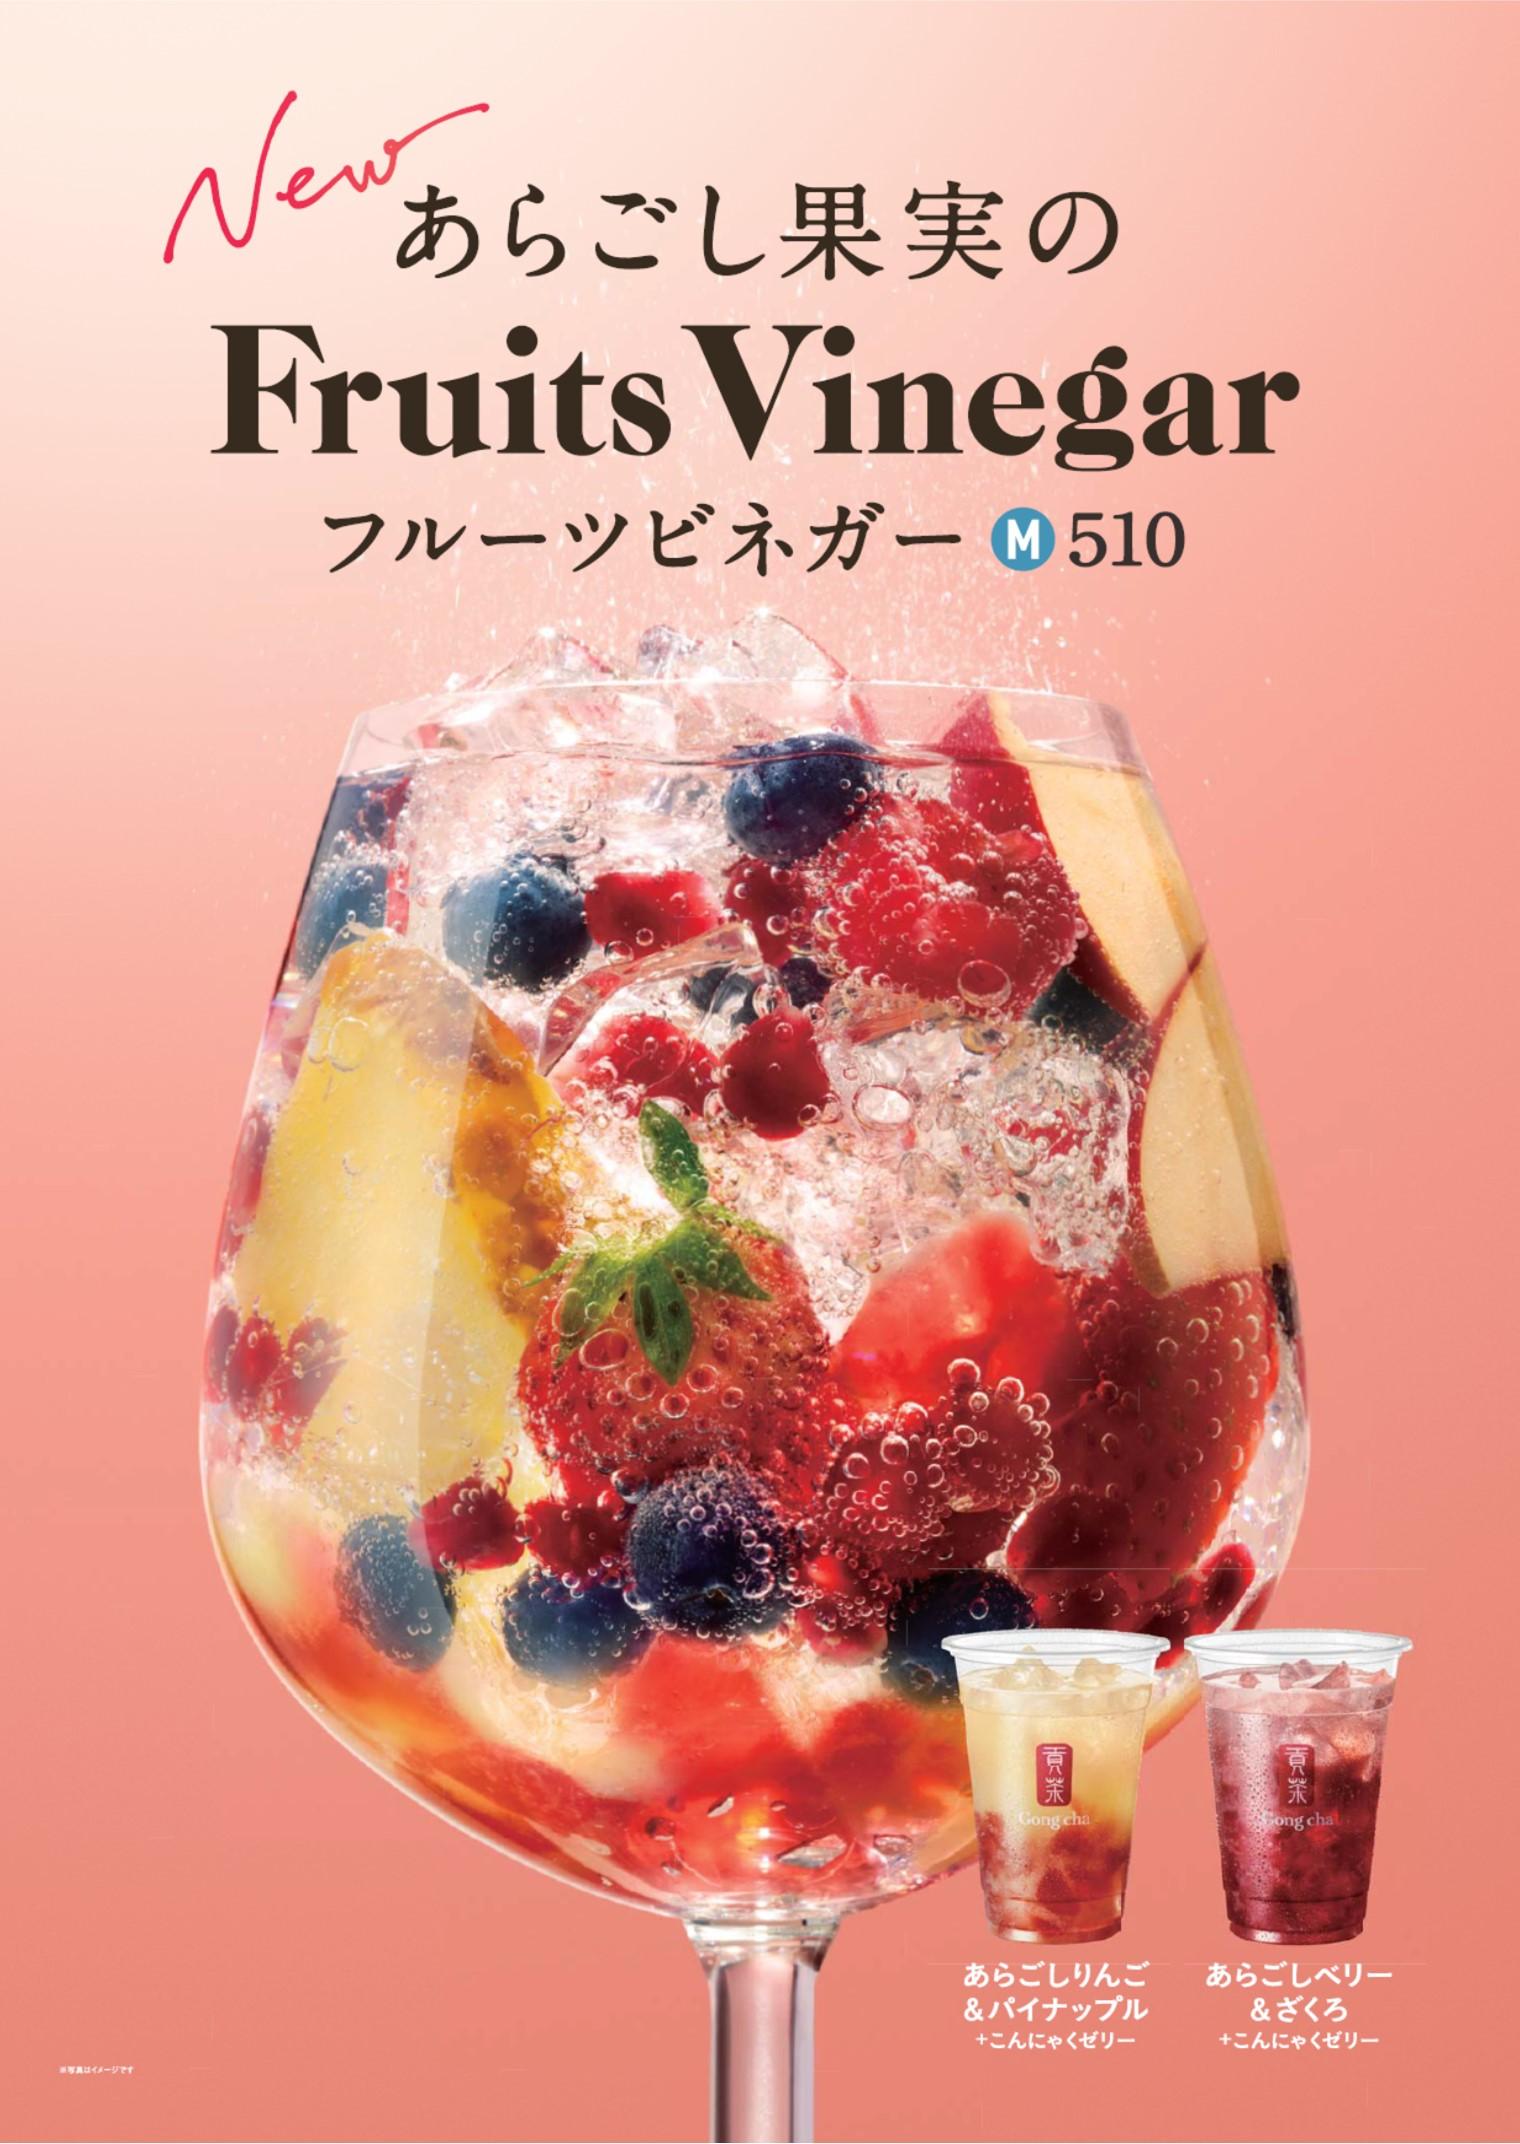 人気のドリンクメニュー『フルーツビネガー』から果実感溢れる、あらごしのフルーツピューレを使用したドリンクが新登場🍎🍍💗